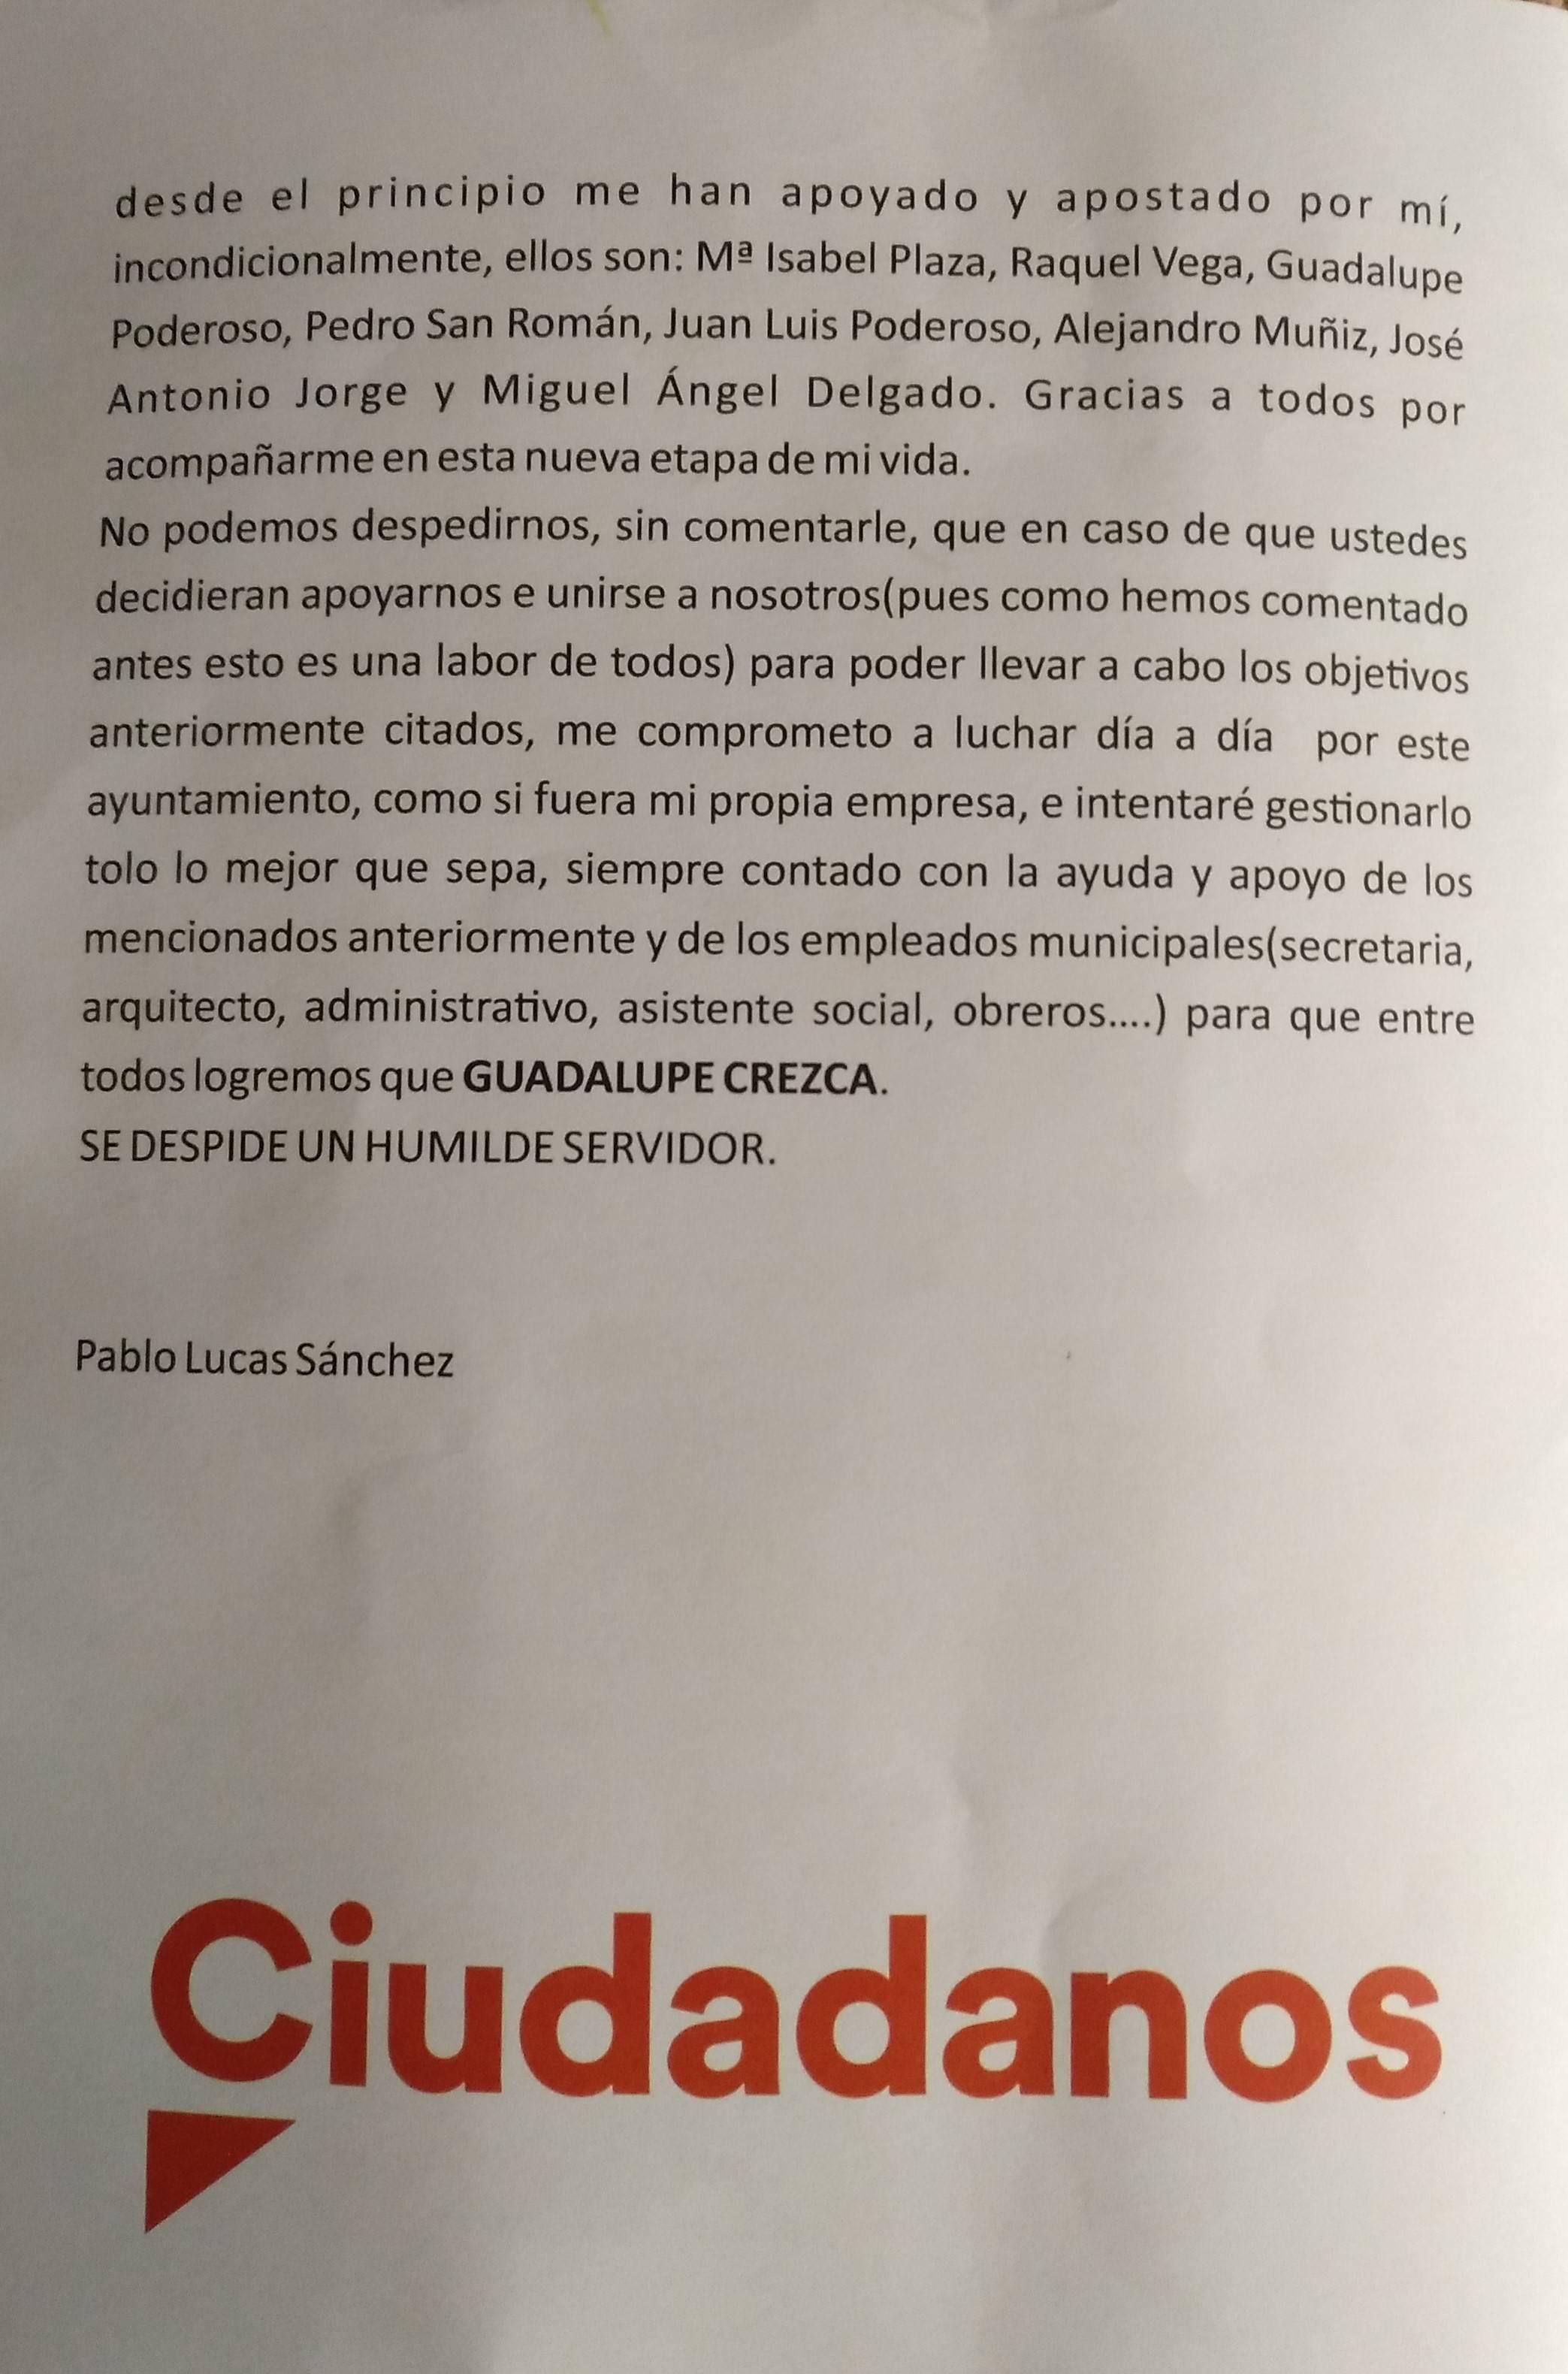 Programa electoral Ciudadanos 2019 - Guadalupe (Cáceres) 4